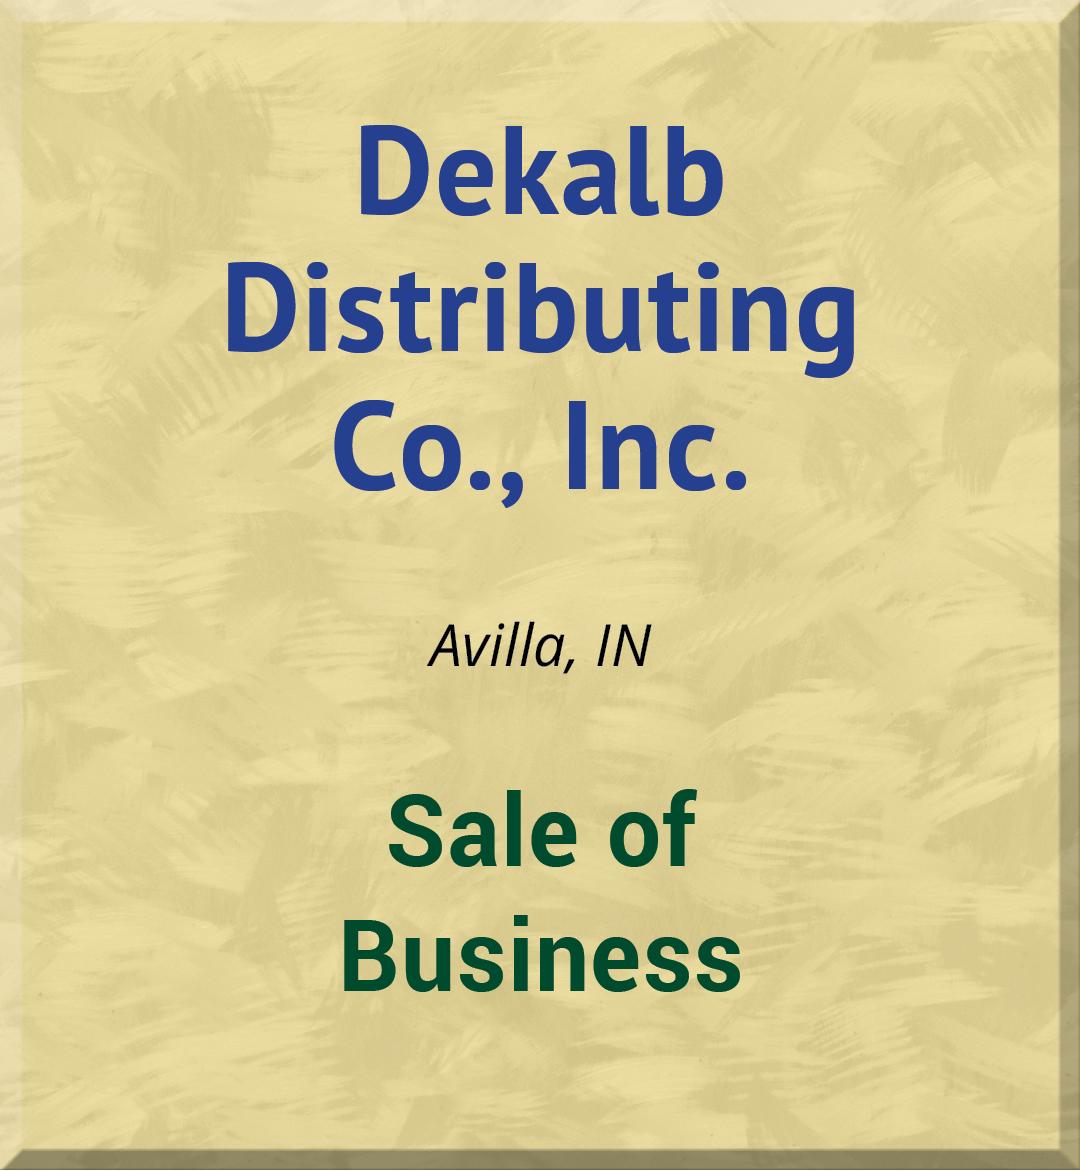 Dekalb Distributing Co., Inc.